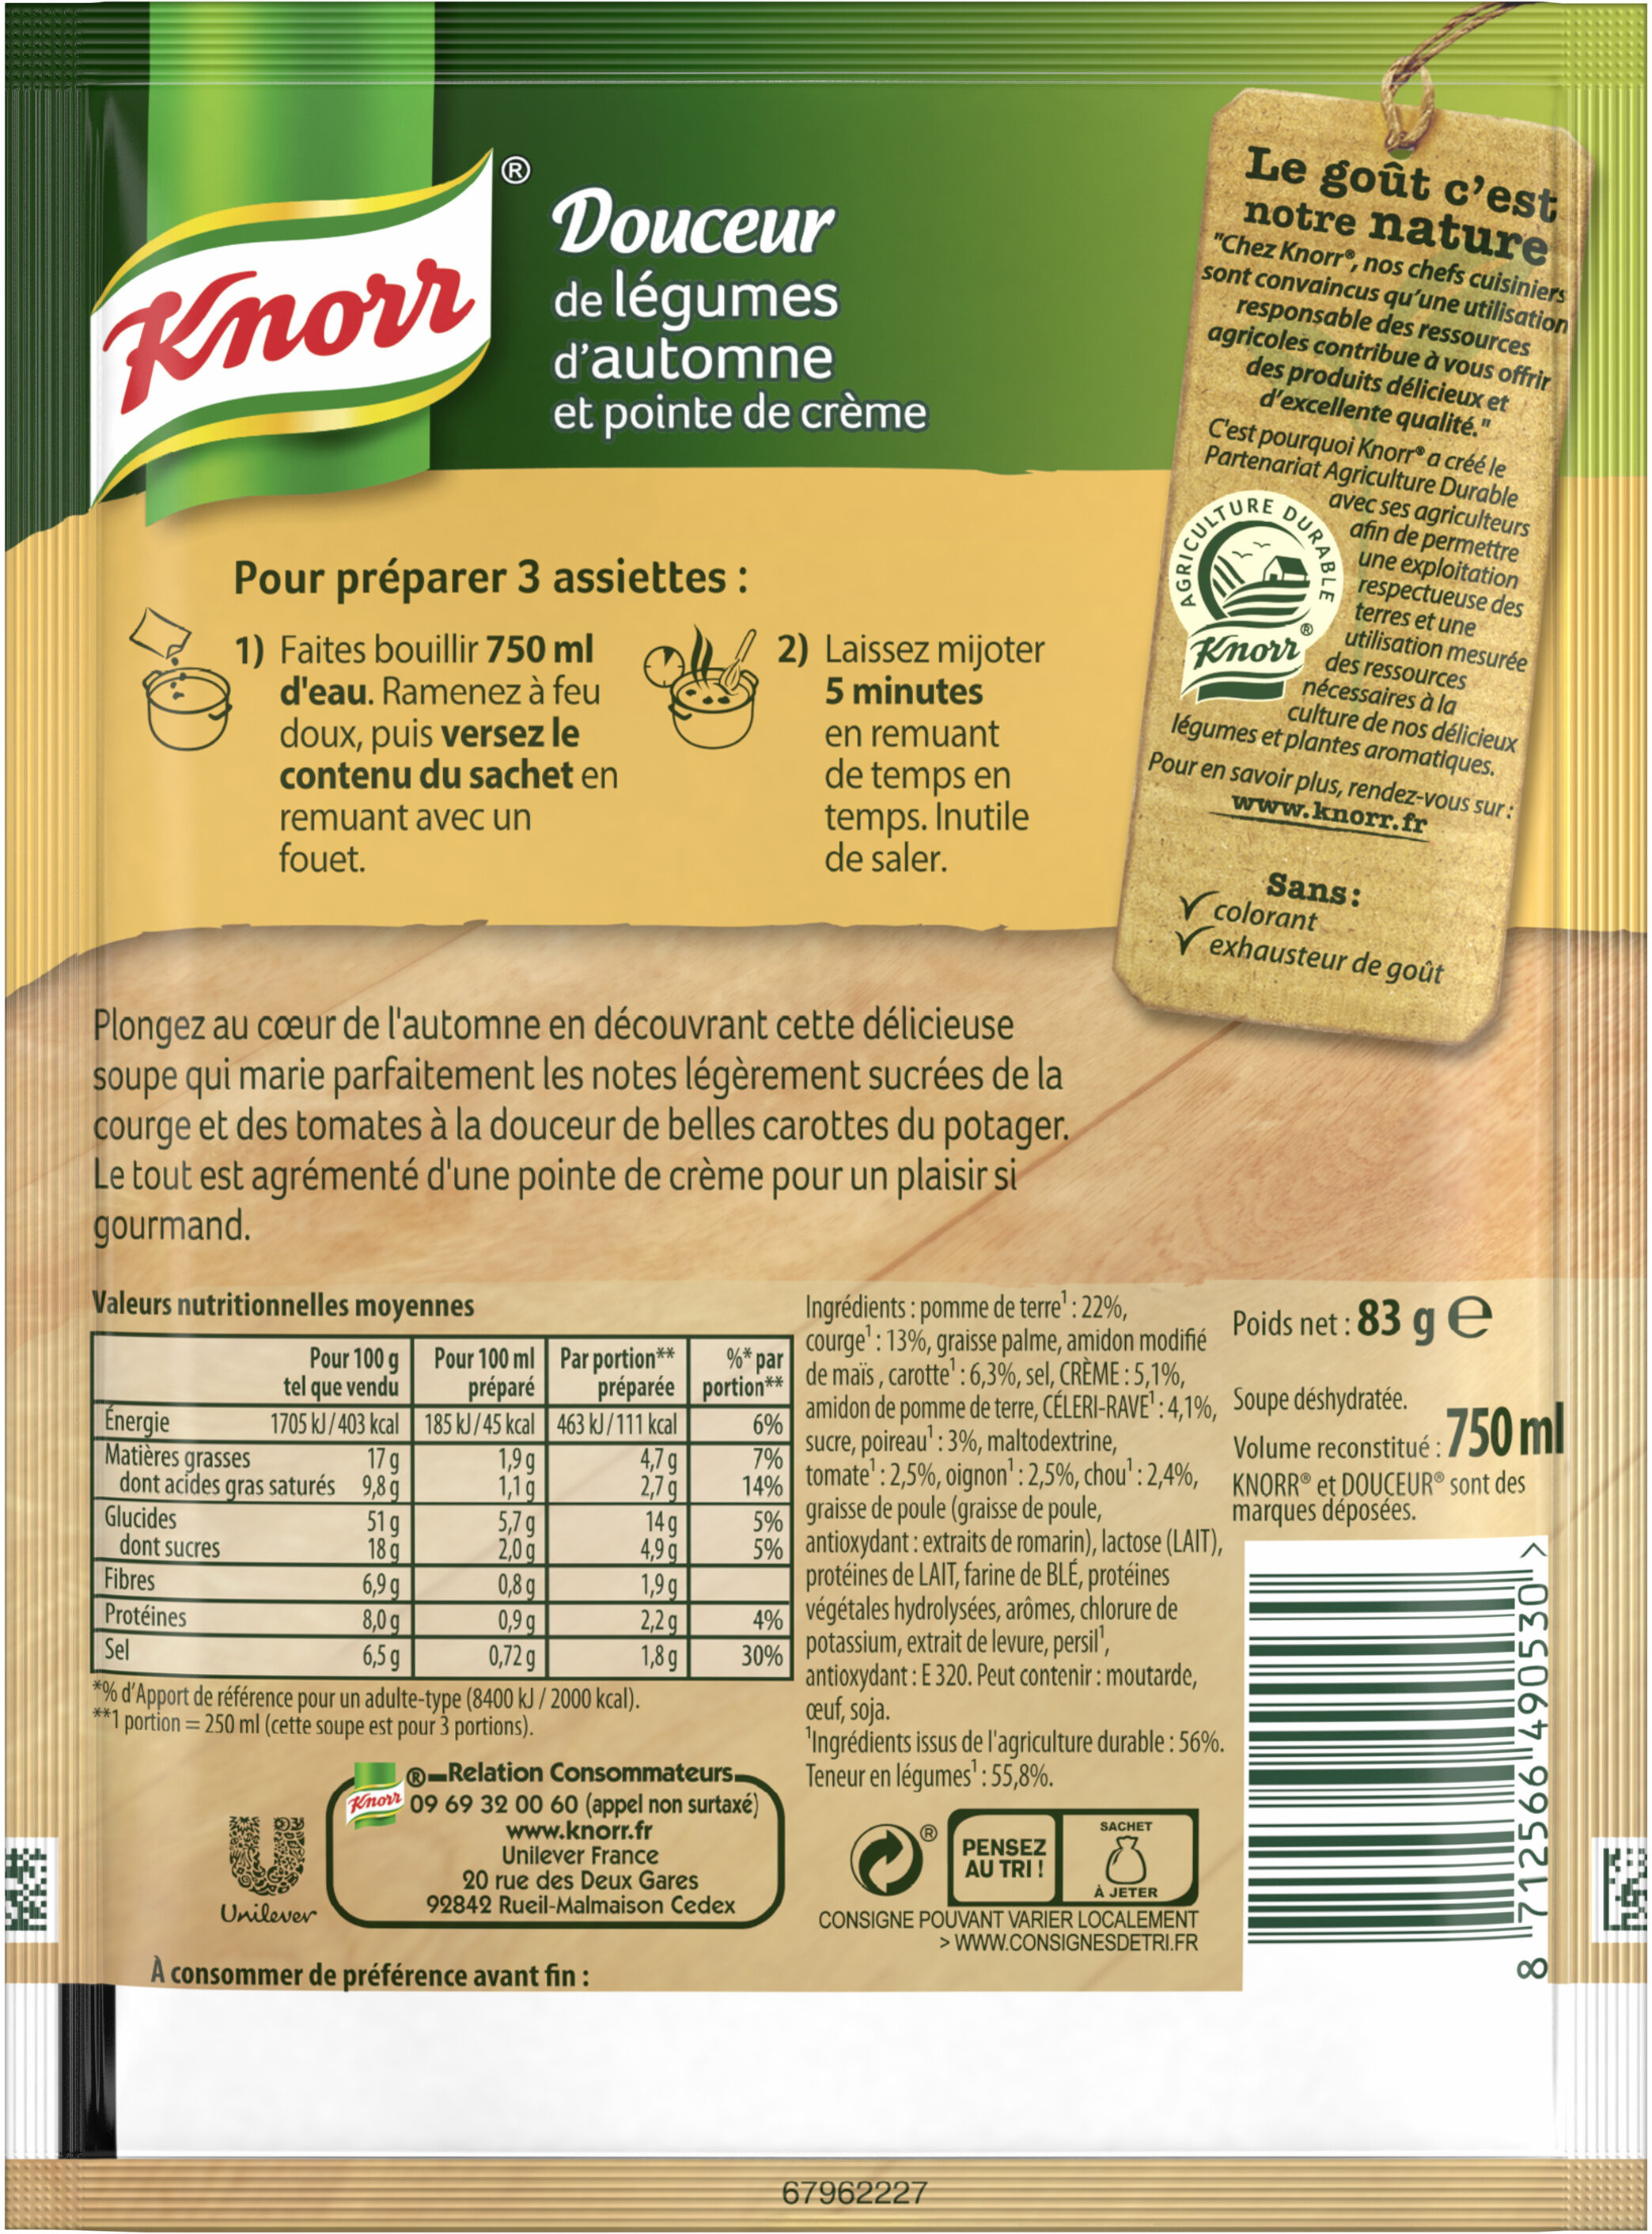 Knorr Soupe Douceur de Légumes d'Automne 83g 3 Portions - Valori nutrizionali - fr